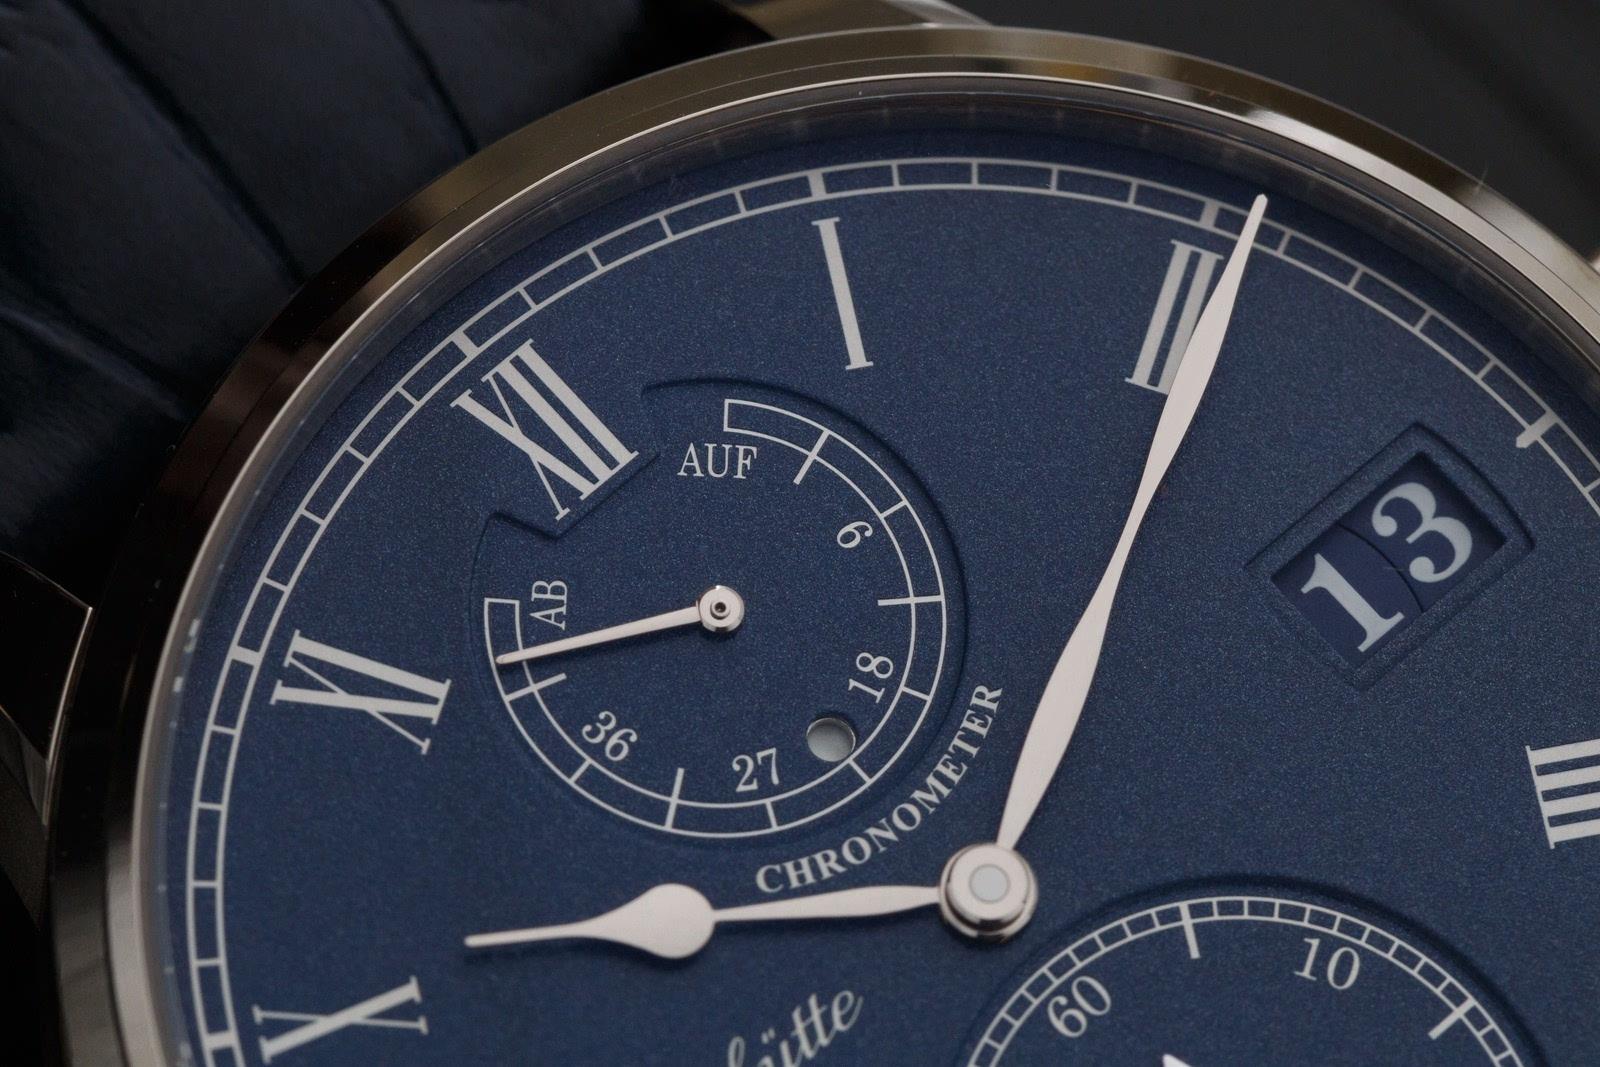 2016年新款海军蓝面格拉苏蒂议员天文台腕表